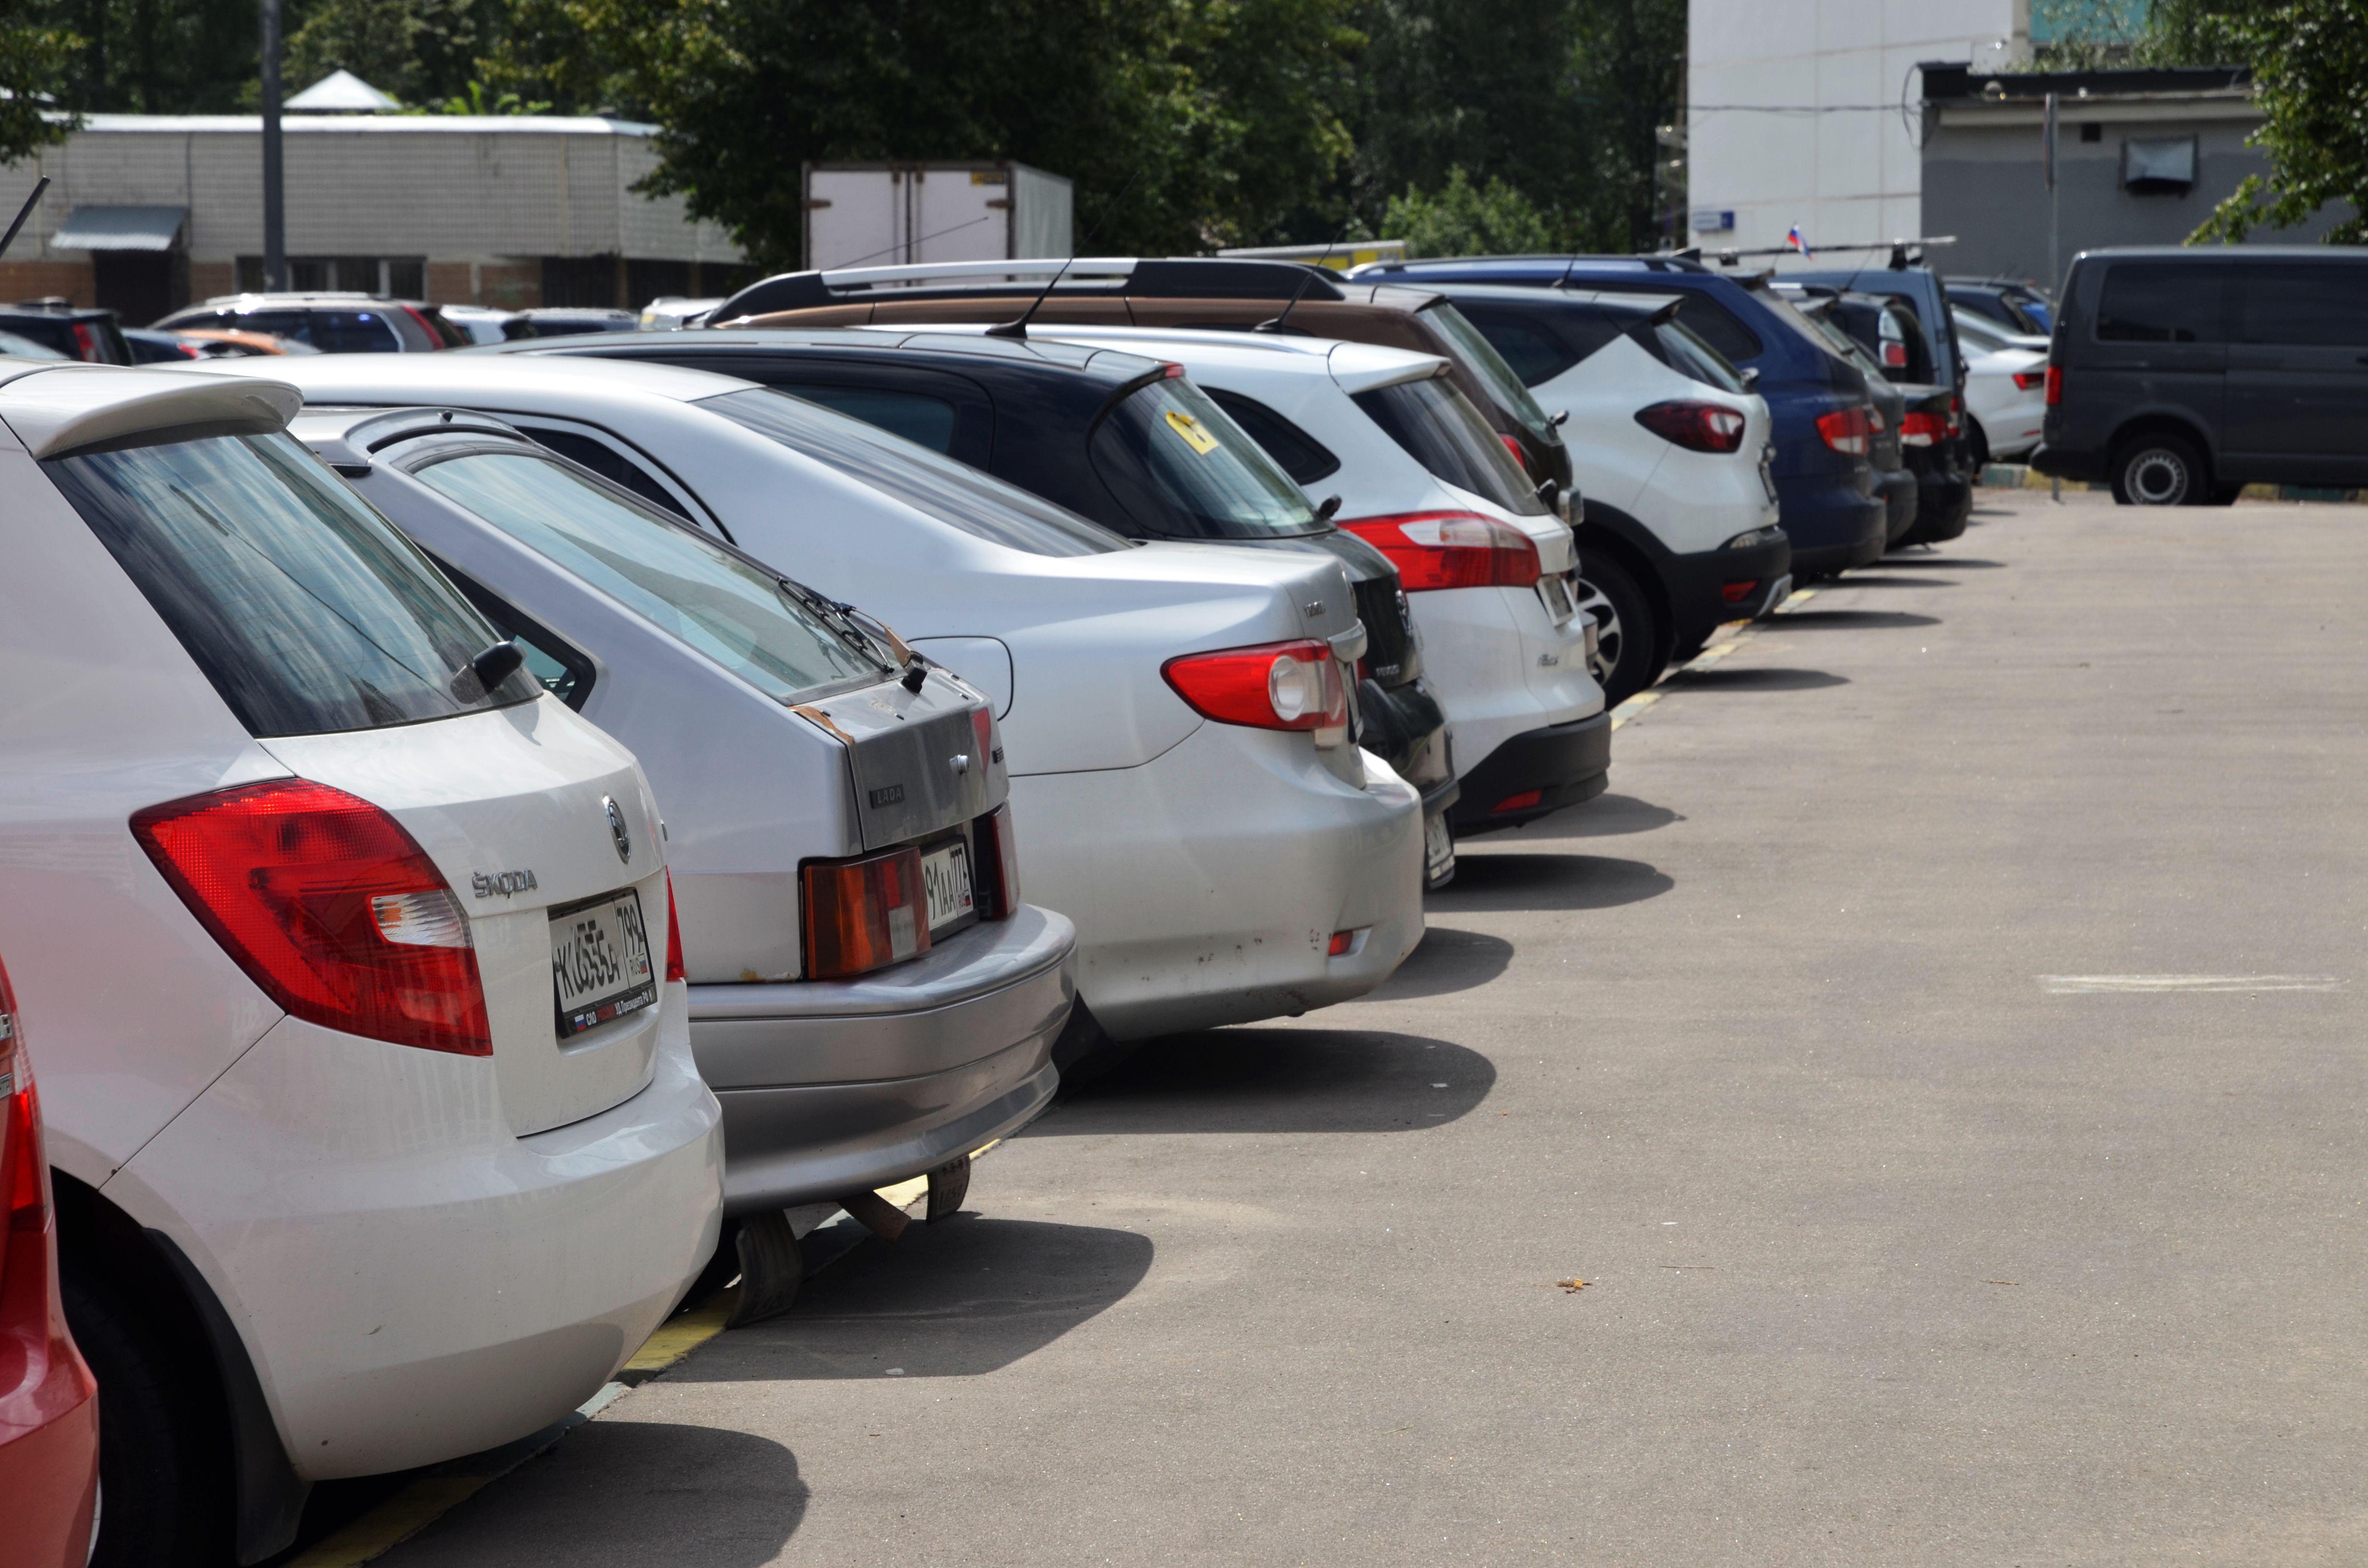 Медики и волонтеры использовали возможность бесплатной парковки более 6,5 тысячи раз